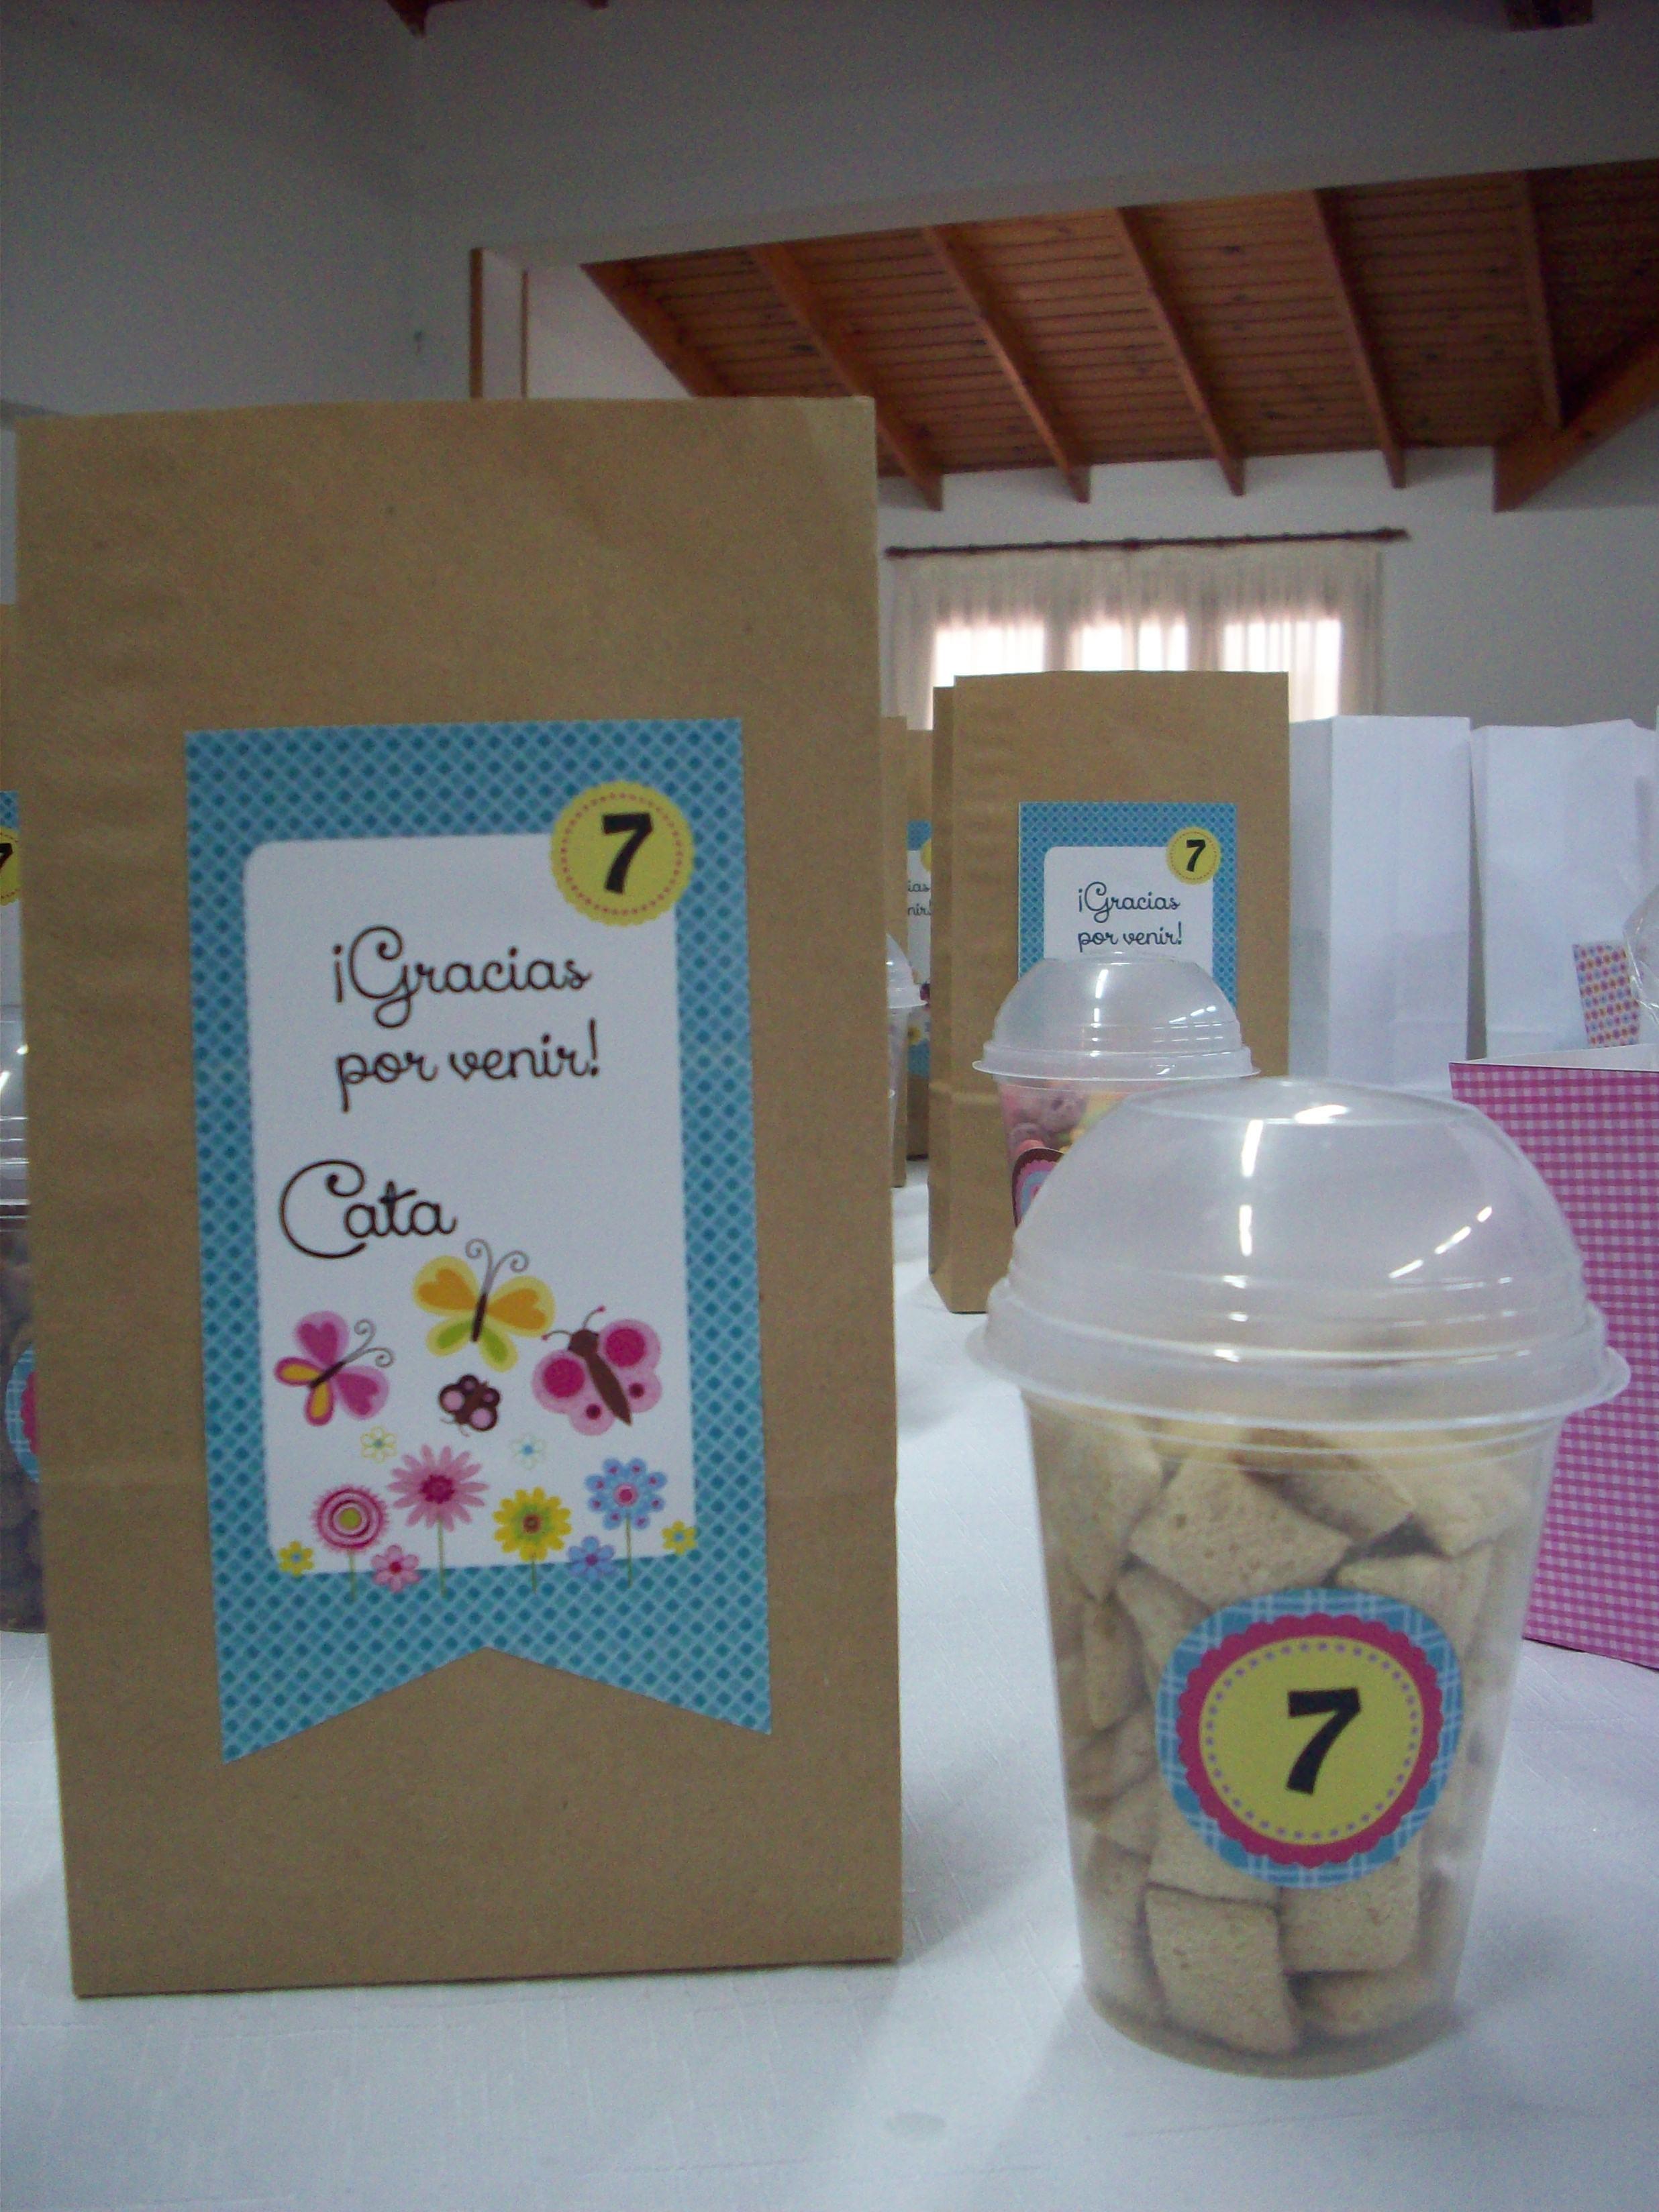 1610c64e7 Bolsa de papel para las sorpresitas y vaso con cereales. | lindas ...